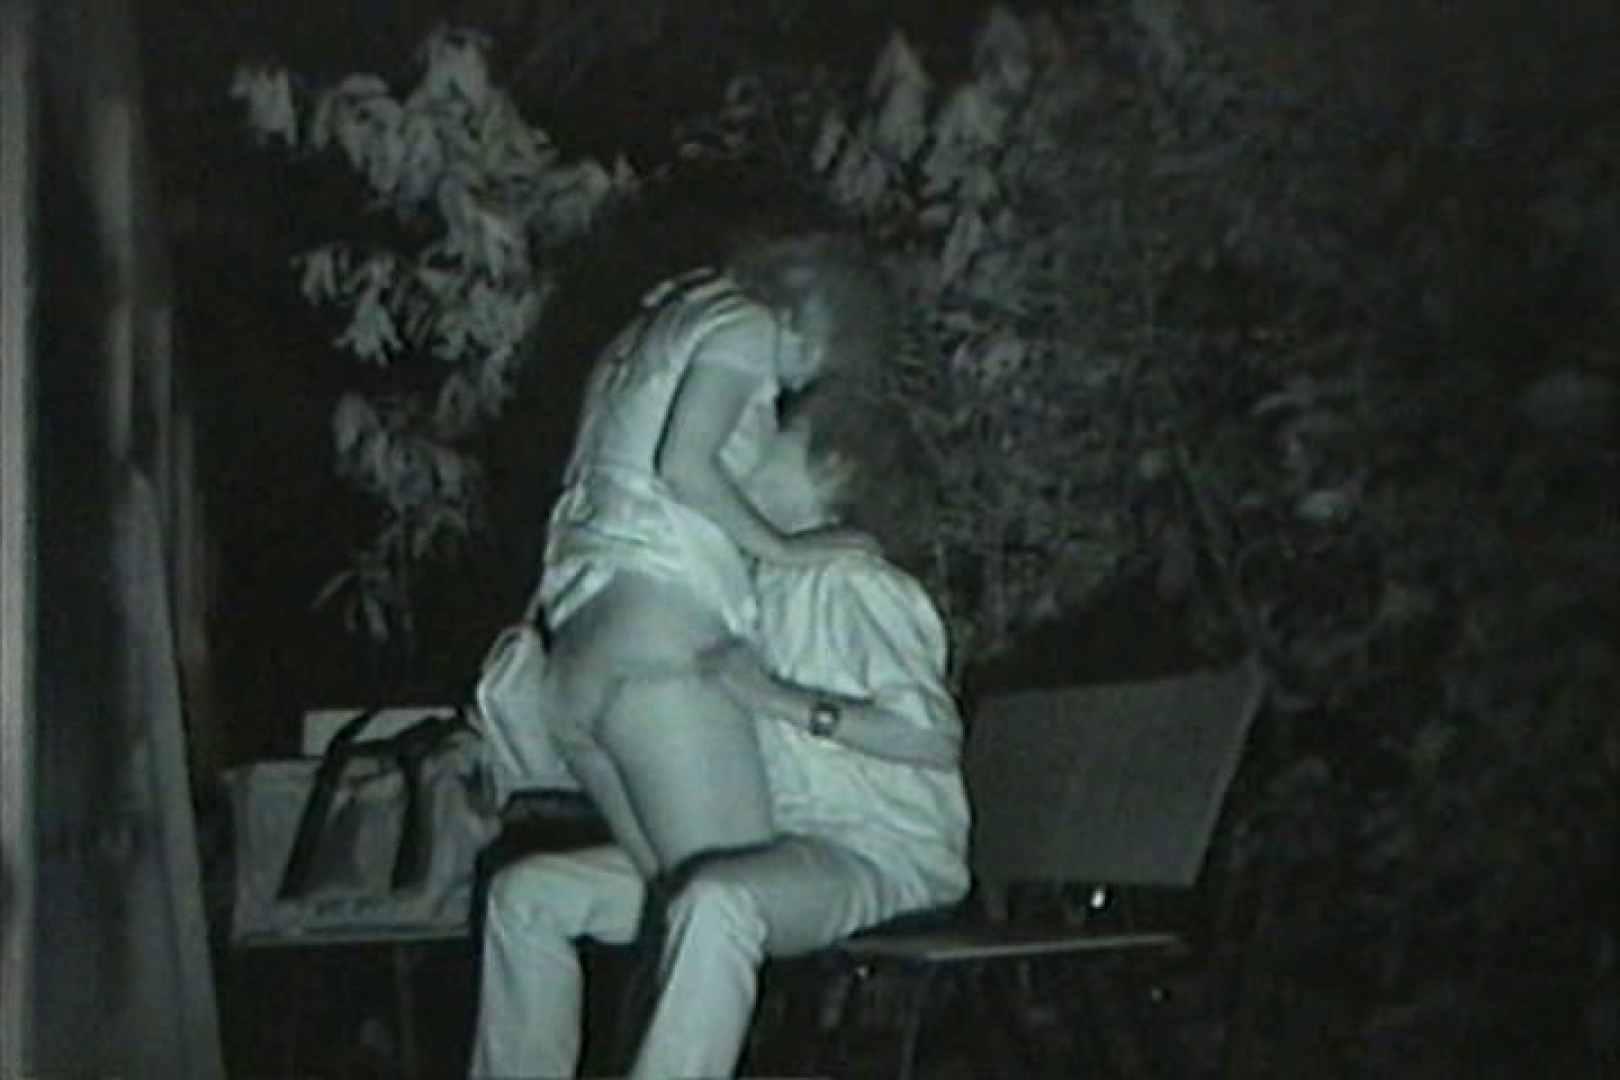 闇の仕掛け人 無修正版 Vol.24 すけべなカップル | ラブホテル  102画像 61